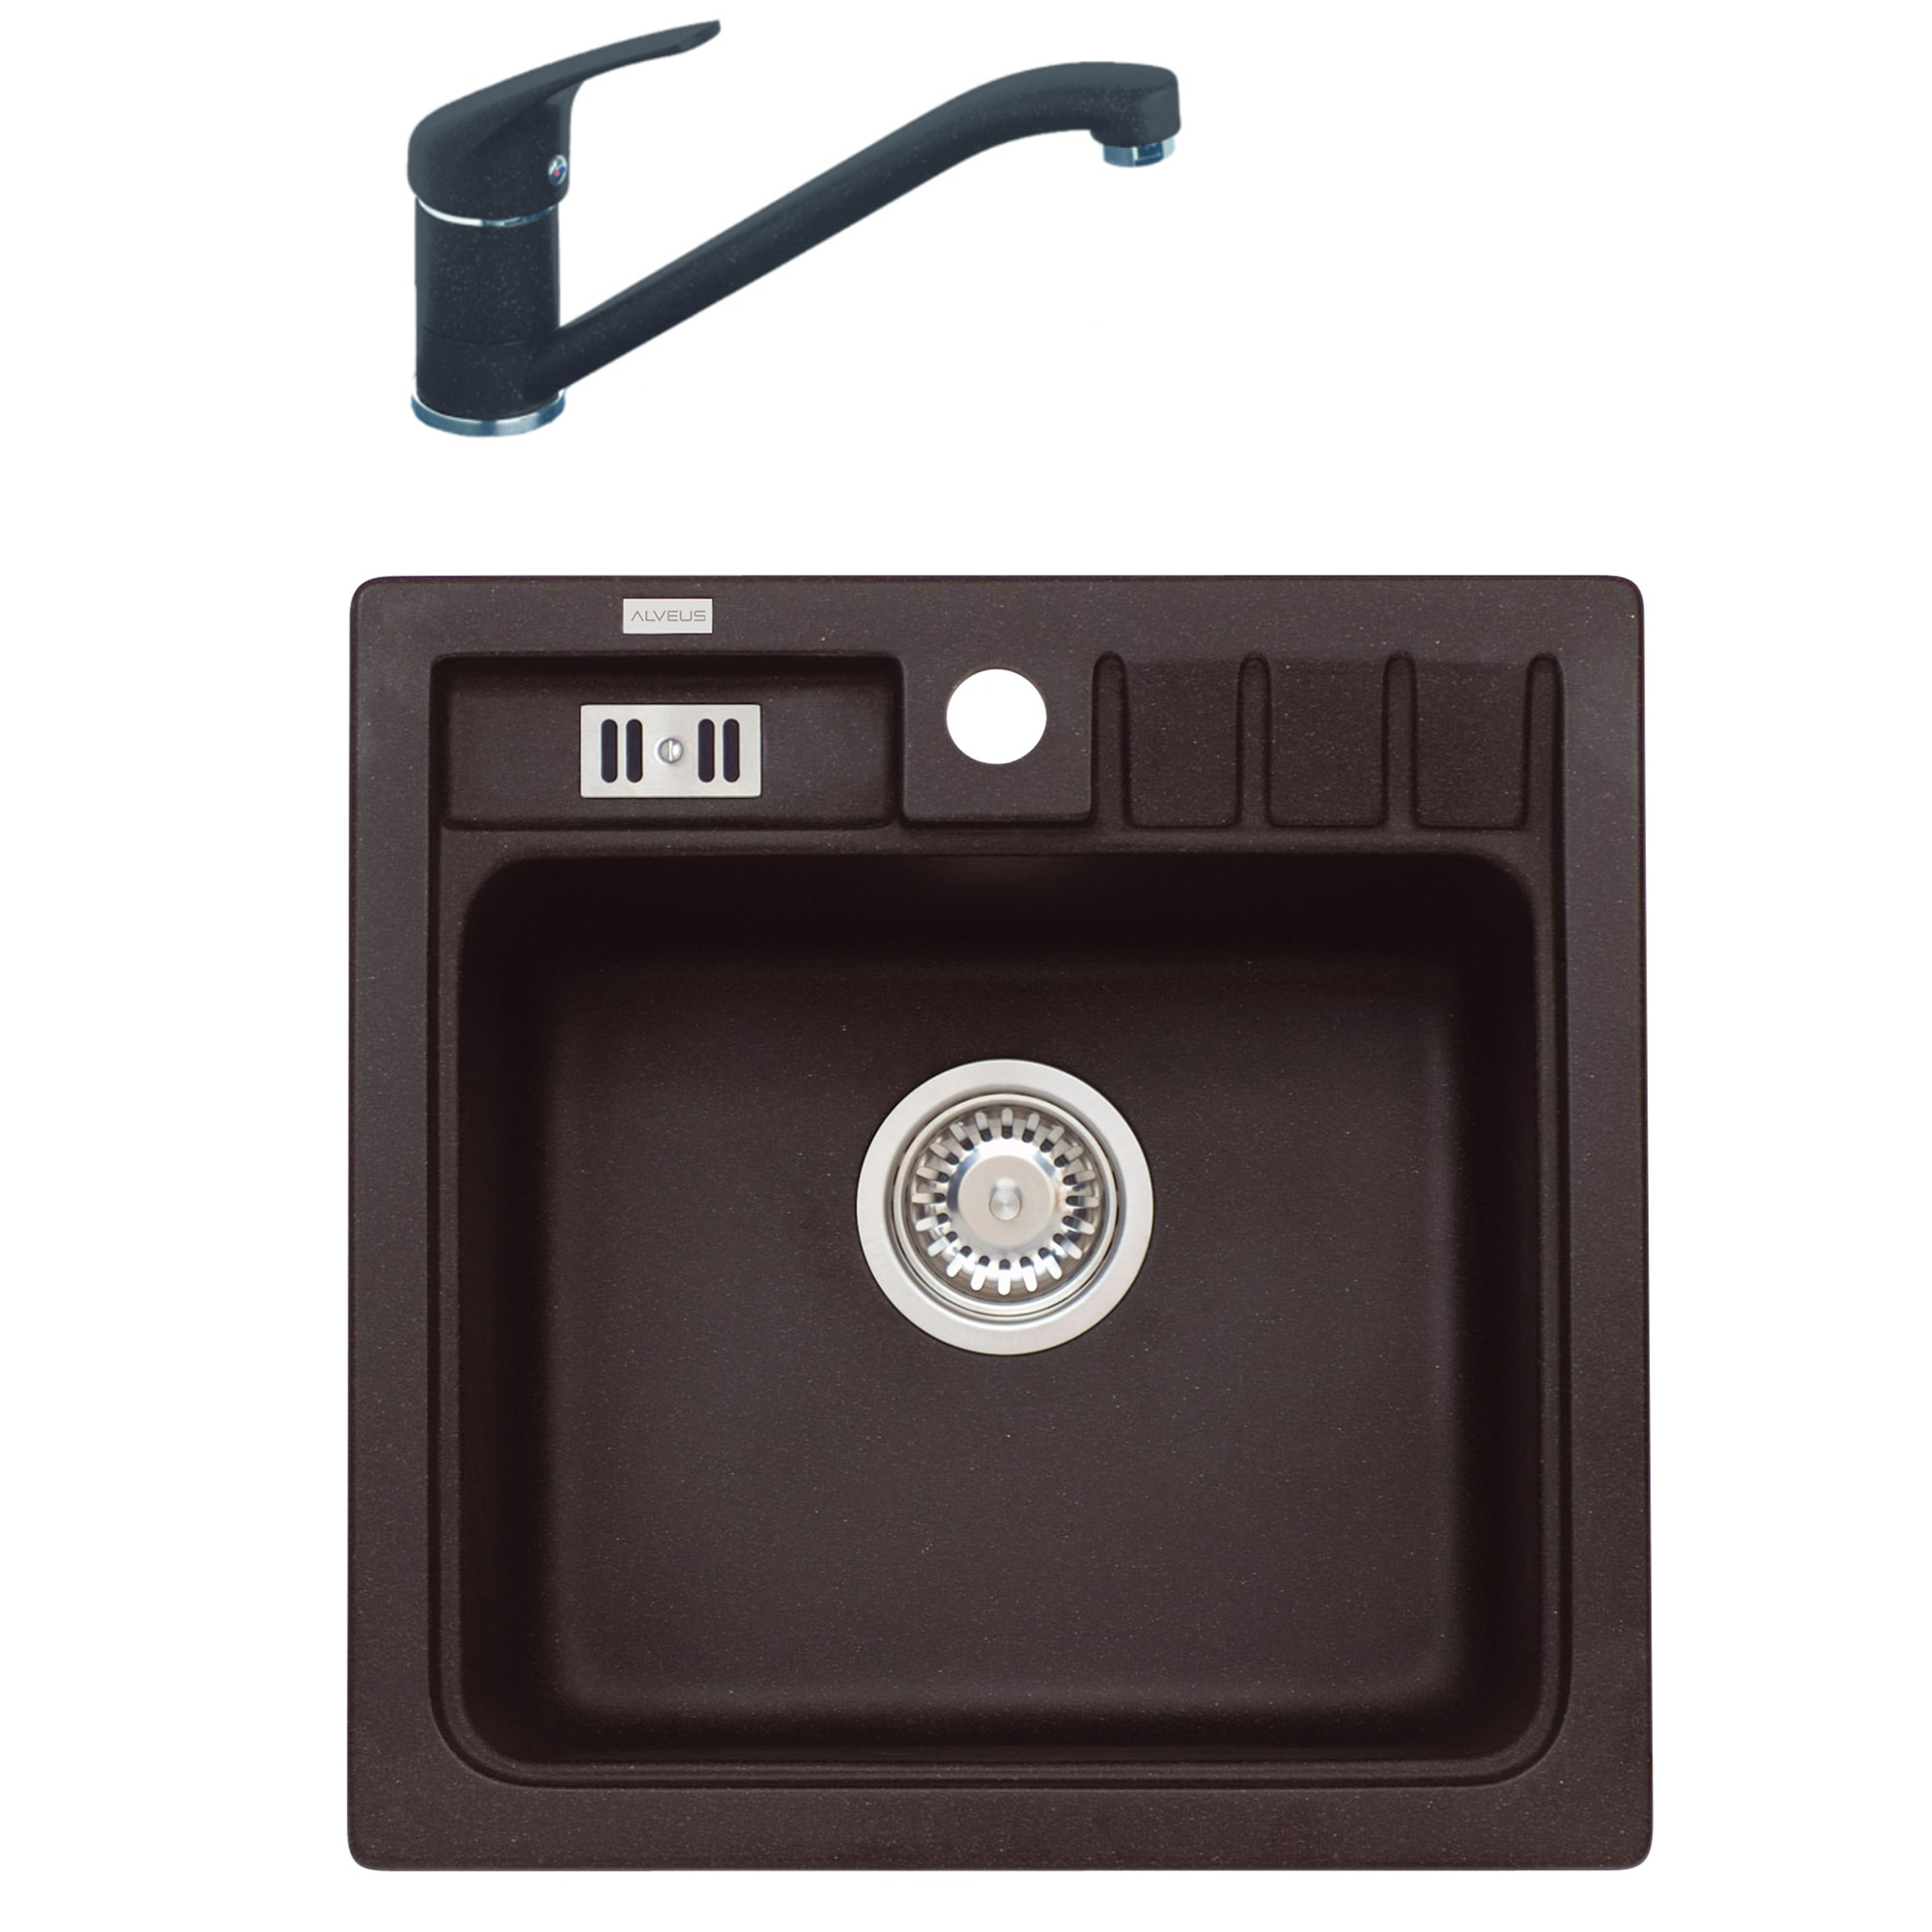 Fotografie Pachet chiuveta algranit Alveus Niagara 20 A91, 465 x 465 mm, adancime cuva 180 mm, material compozit + Baterie GM 210, Negru